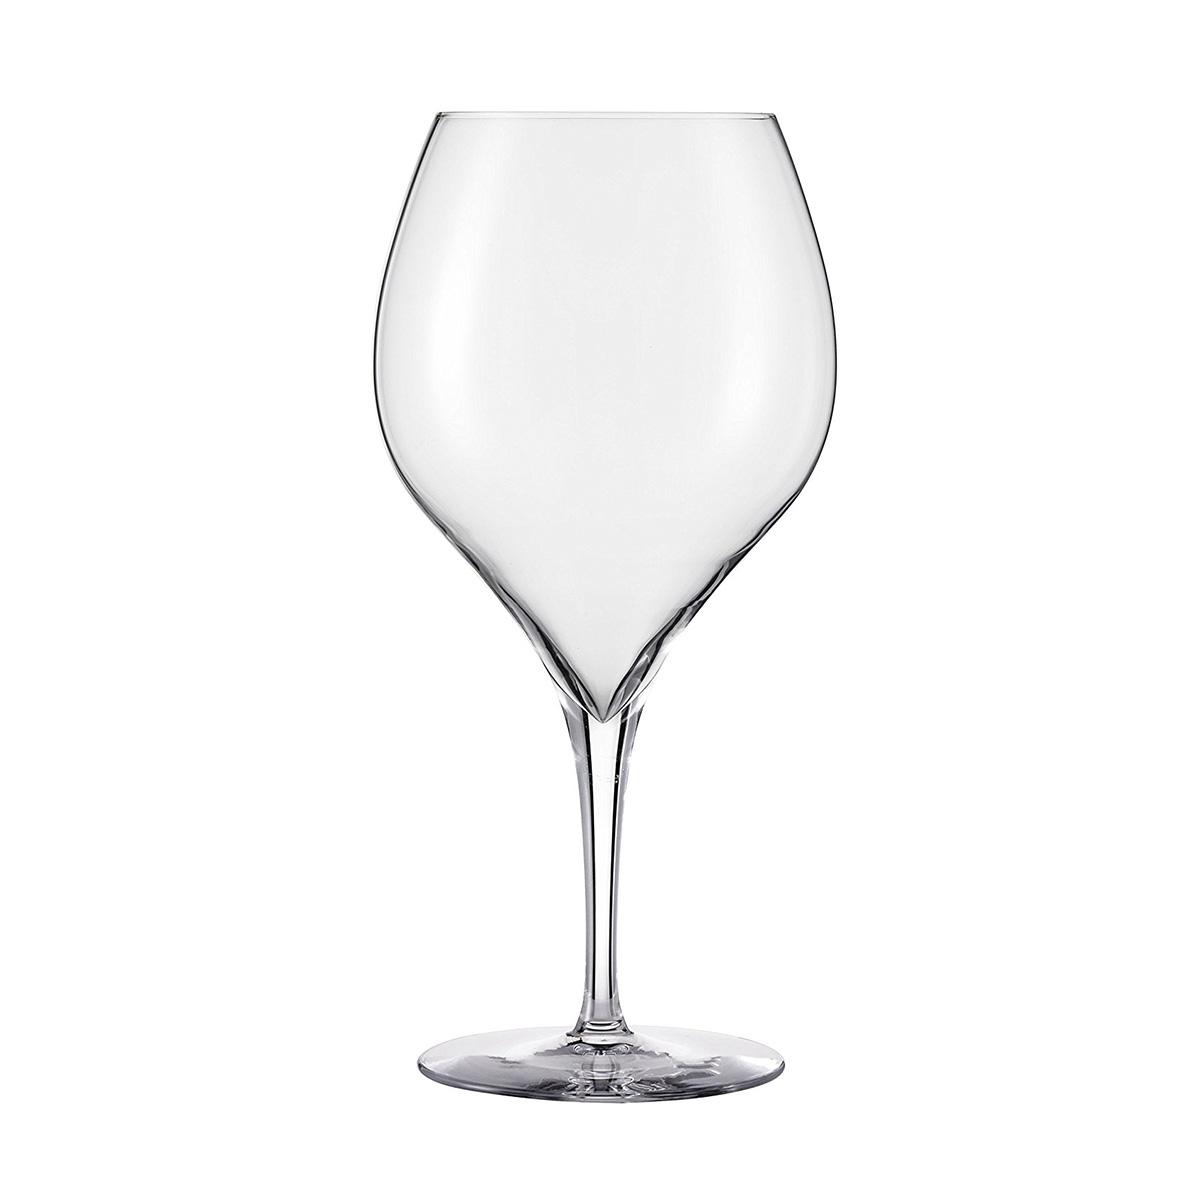 Zwiesel-Crystal-Wine-Glasses-Under-50